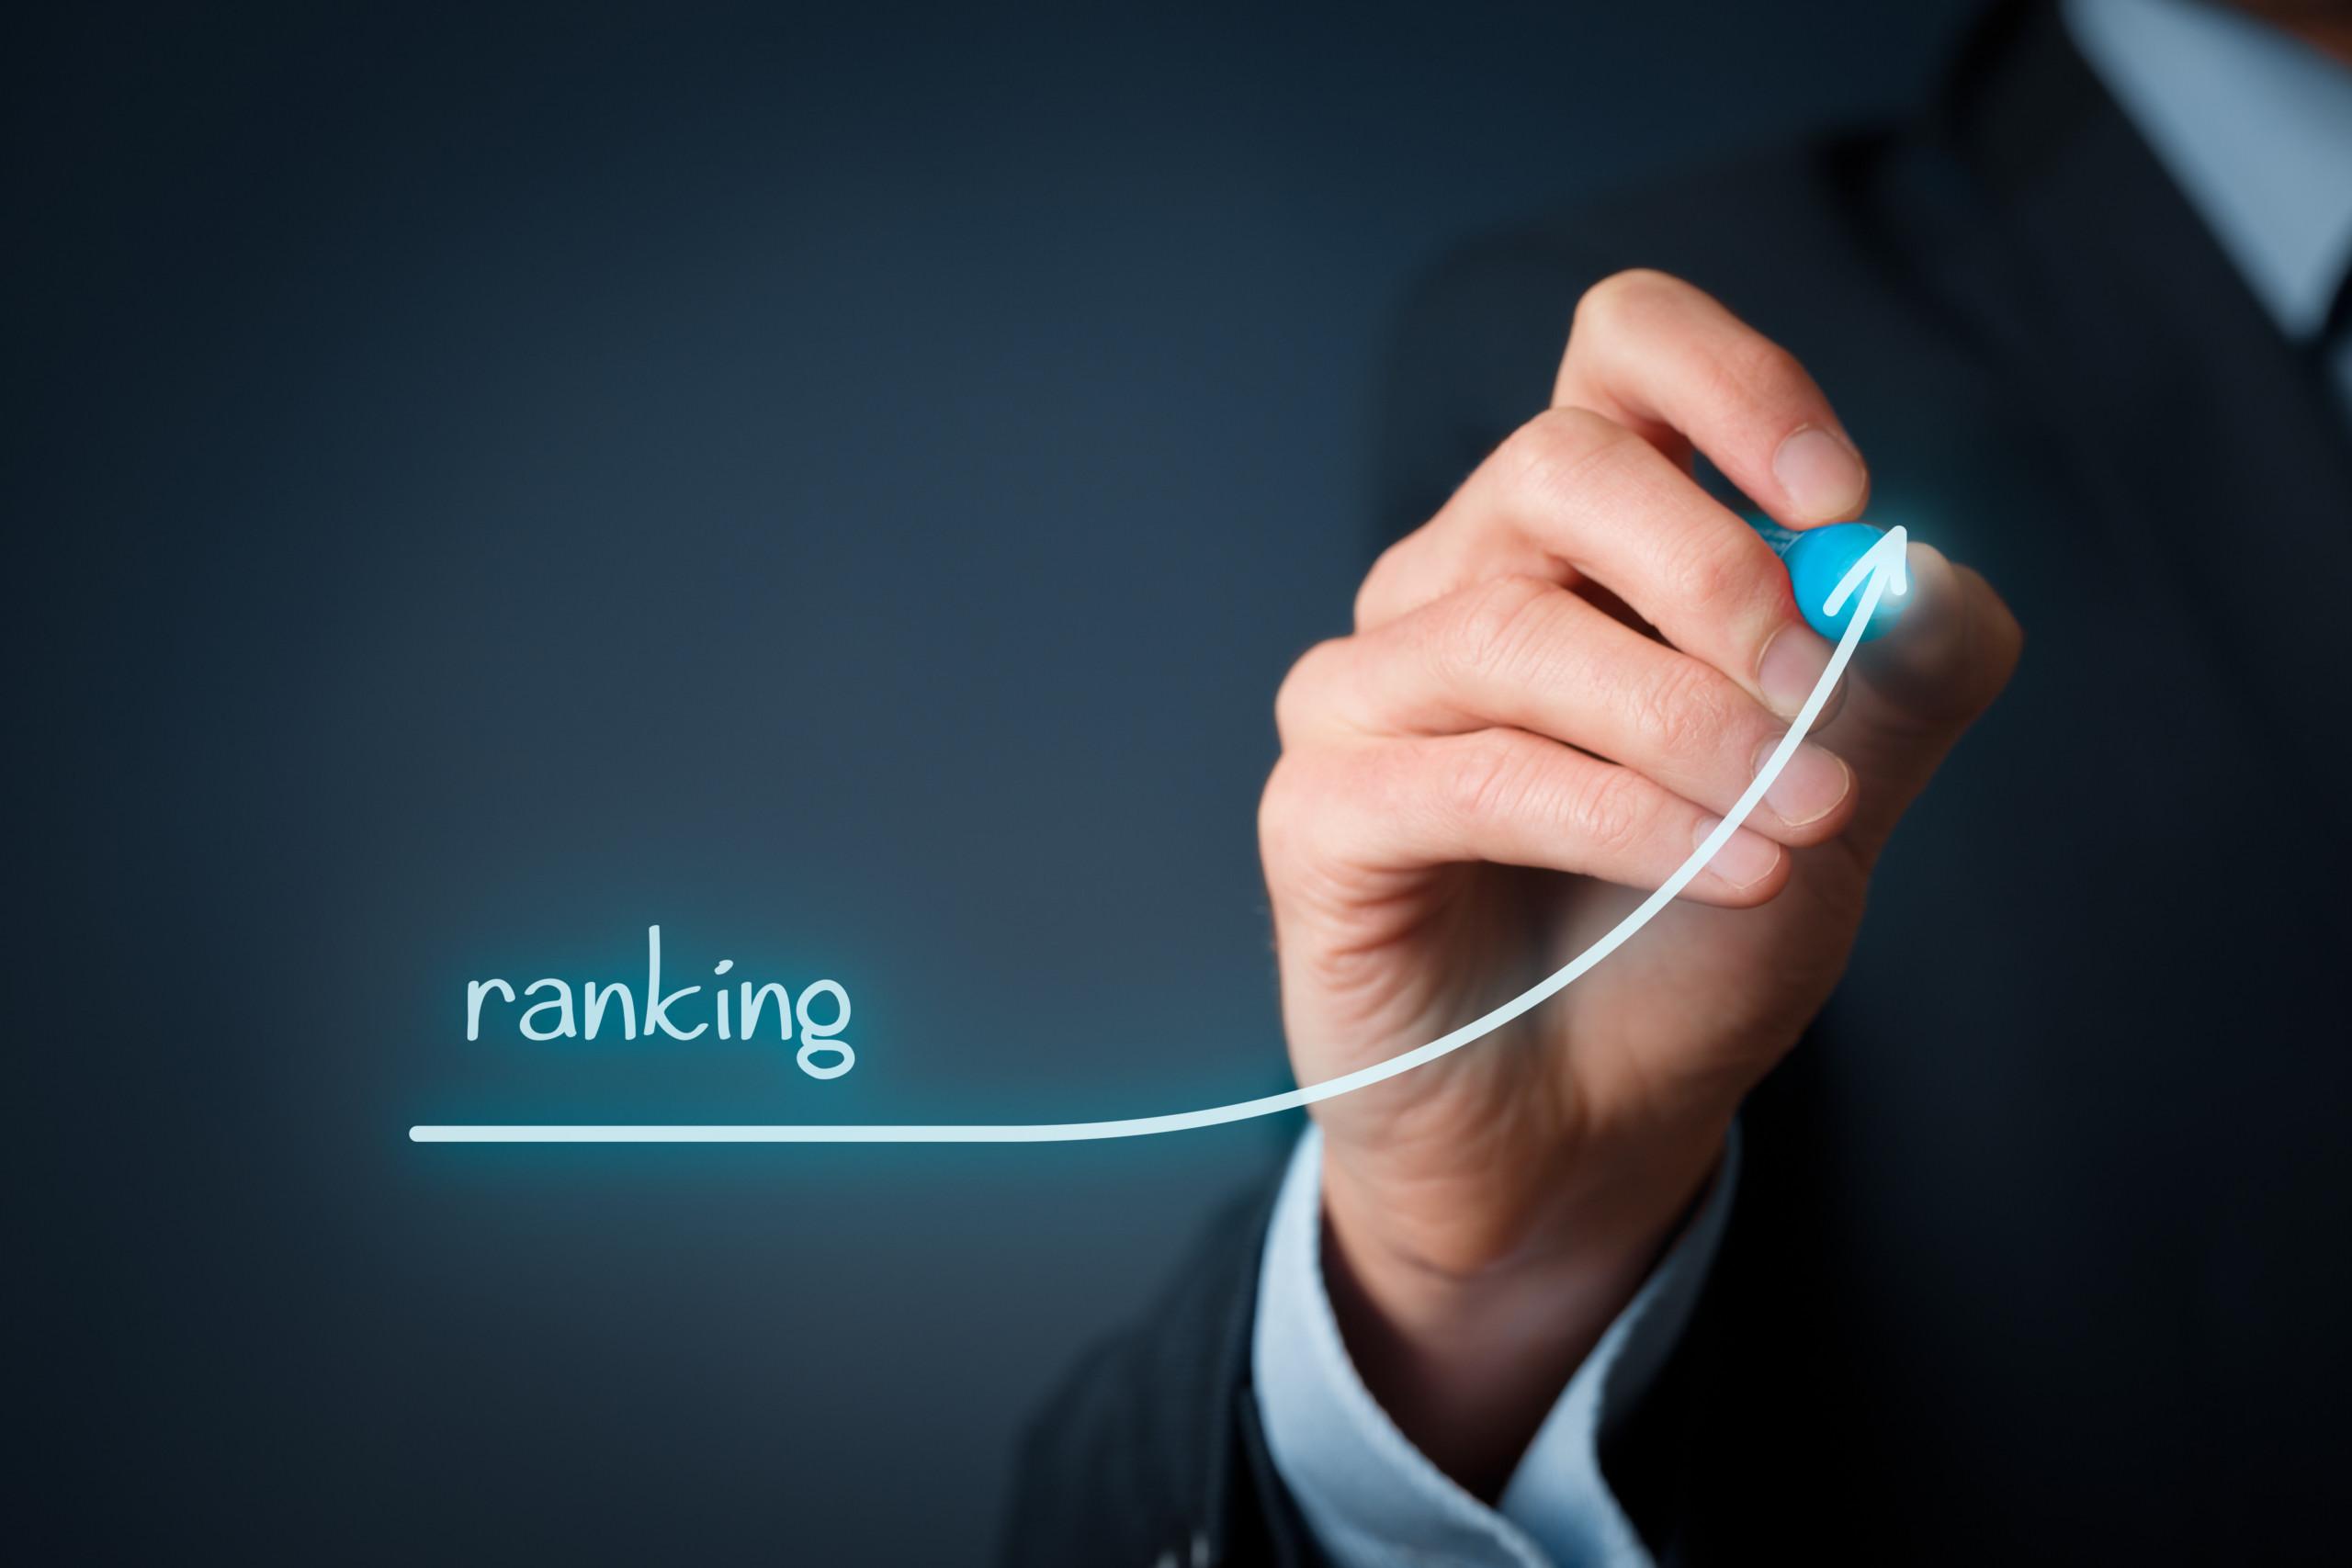 besseres Ranking in Suchmaschinen